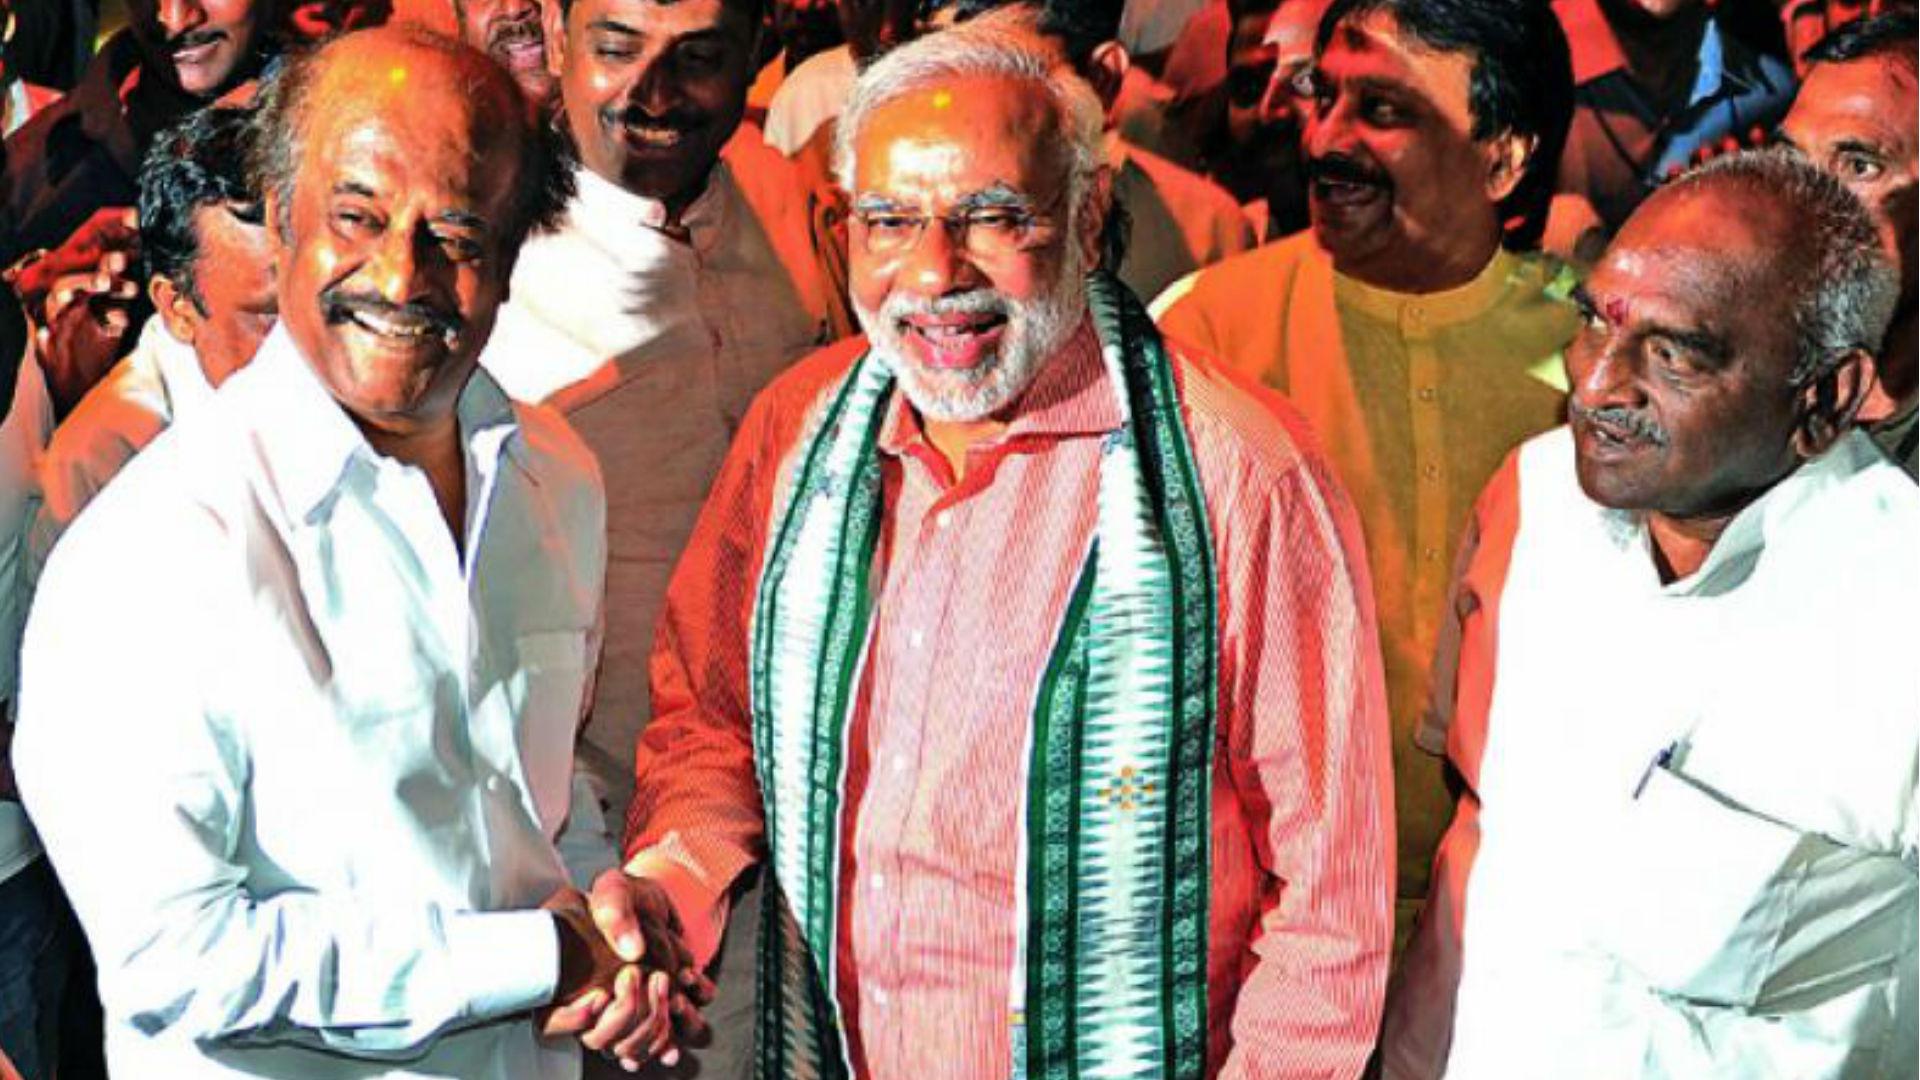 रजनीकांत ने की पीएम नरेंद्र मोदी की तारीफ, बताया 'करिश्माई नेता', राहुल गांधी के बारे में कही ये बात